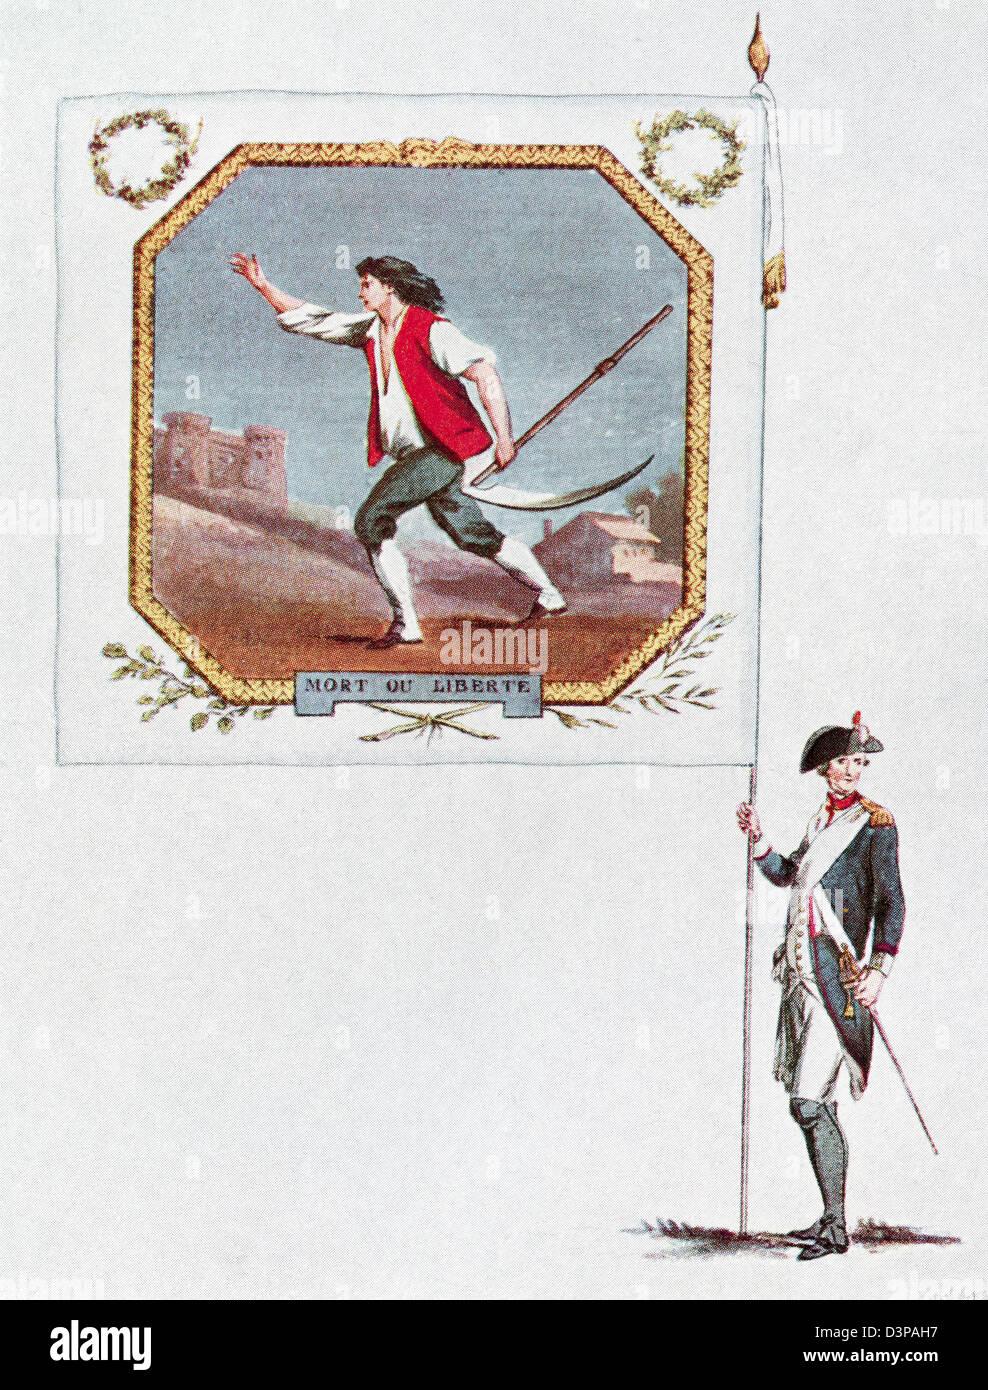 Battalion flag of the Parisien National Guard, Saint Marcel Battalion. - Stock Image